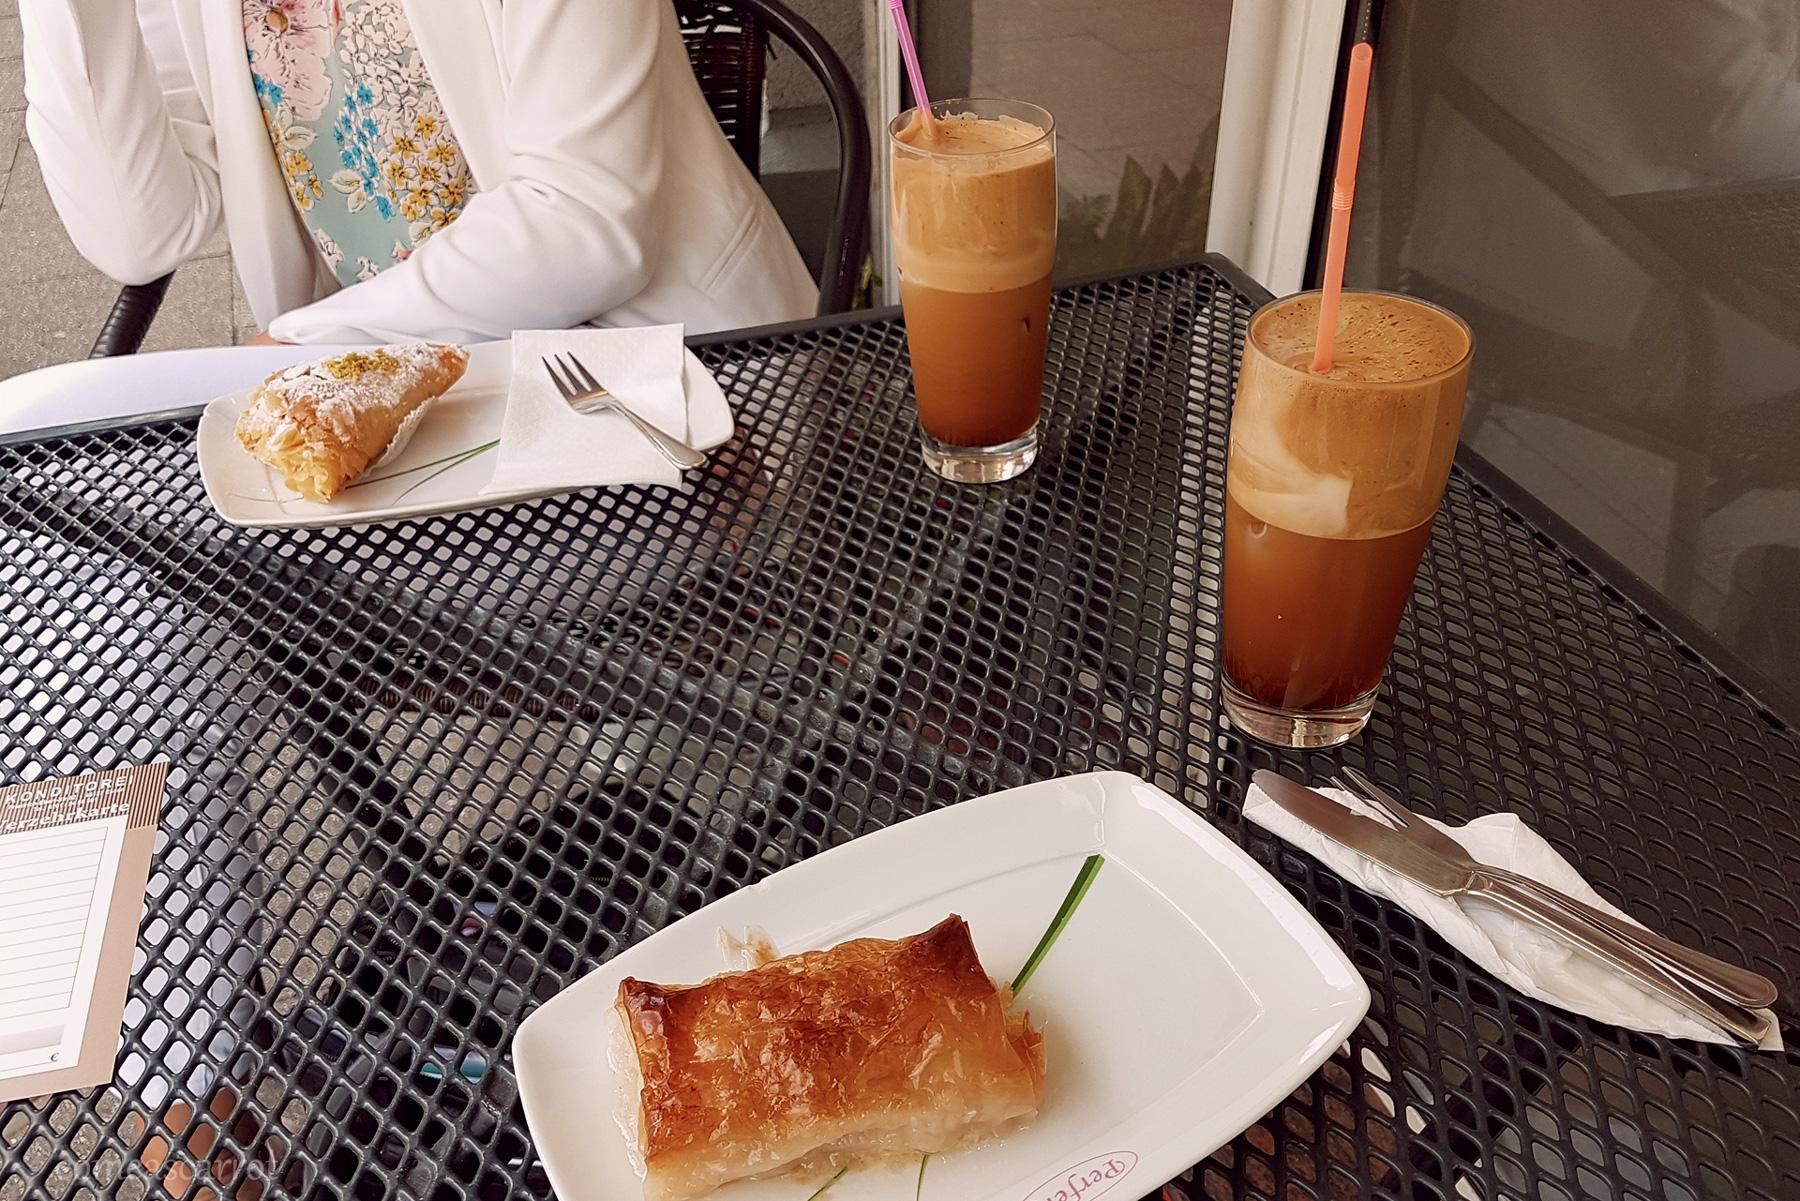 griechischer frappe cafe perfekt essen konditorei